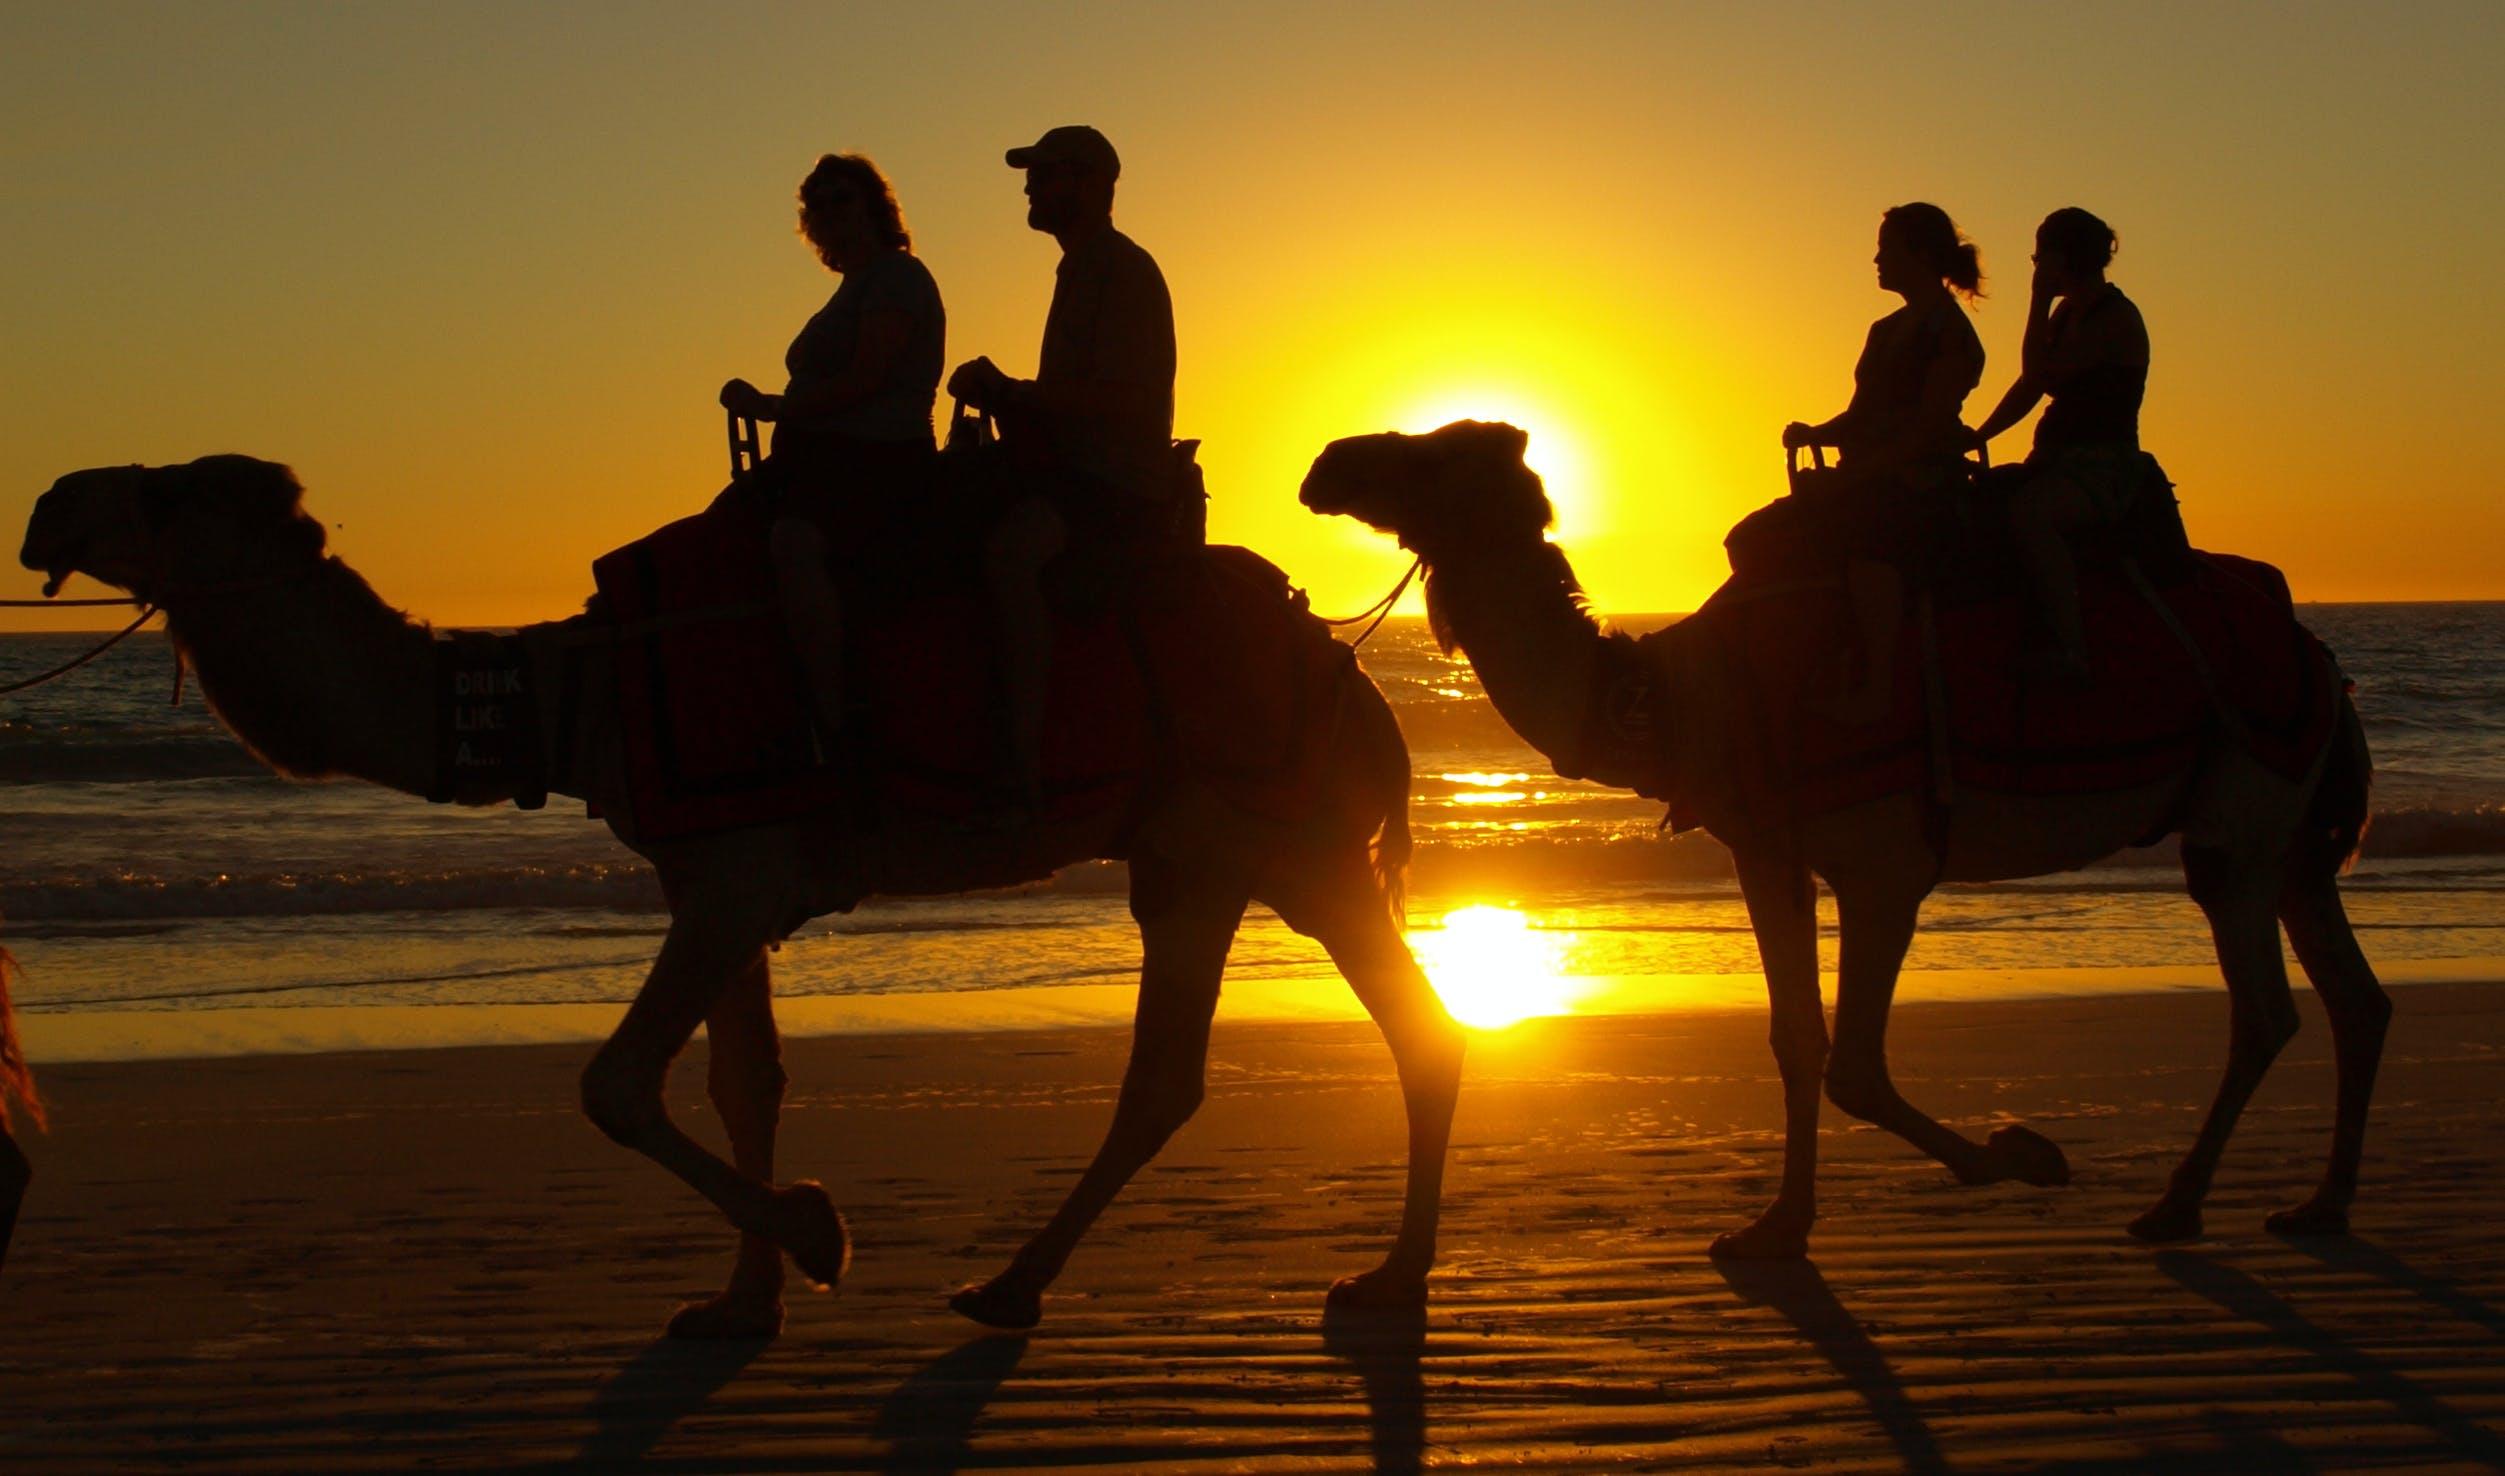 broome camel ride wa